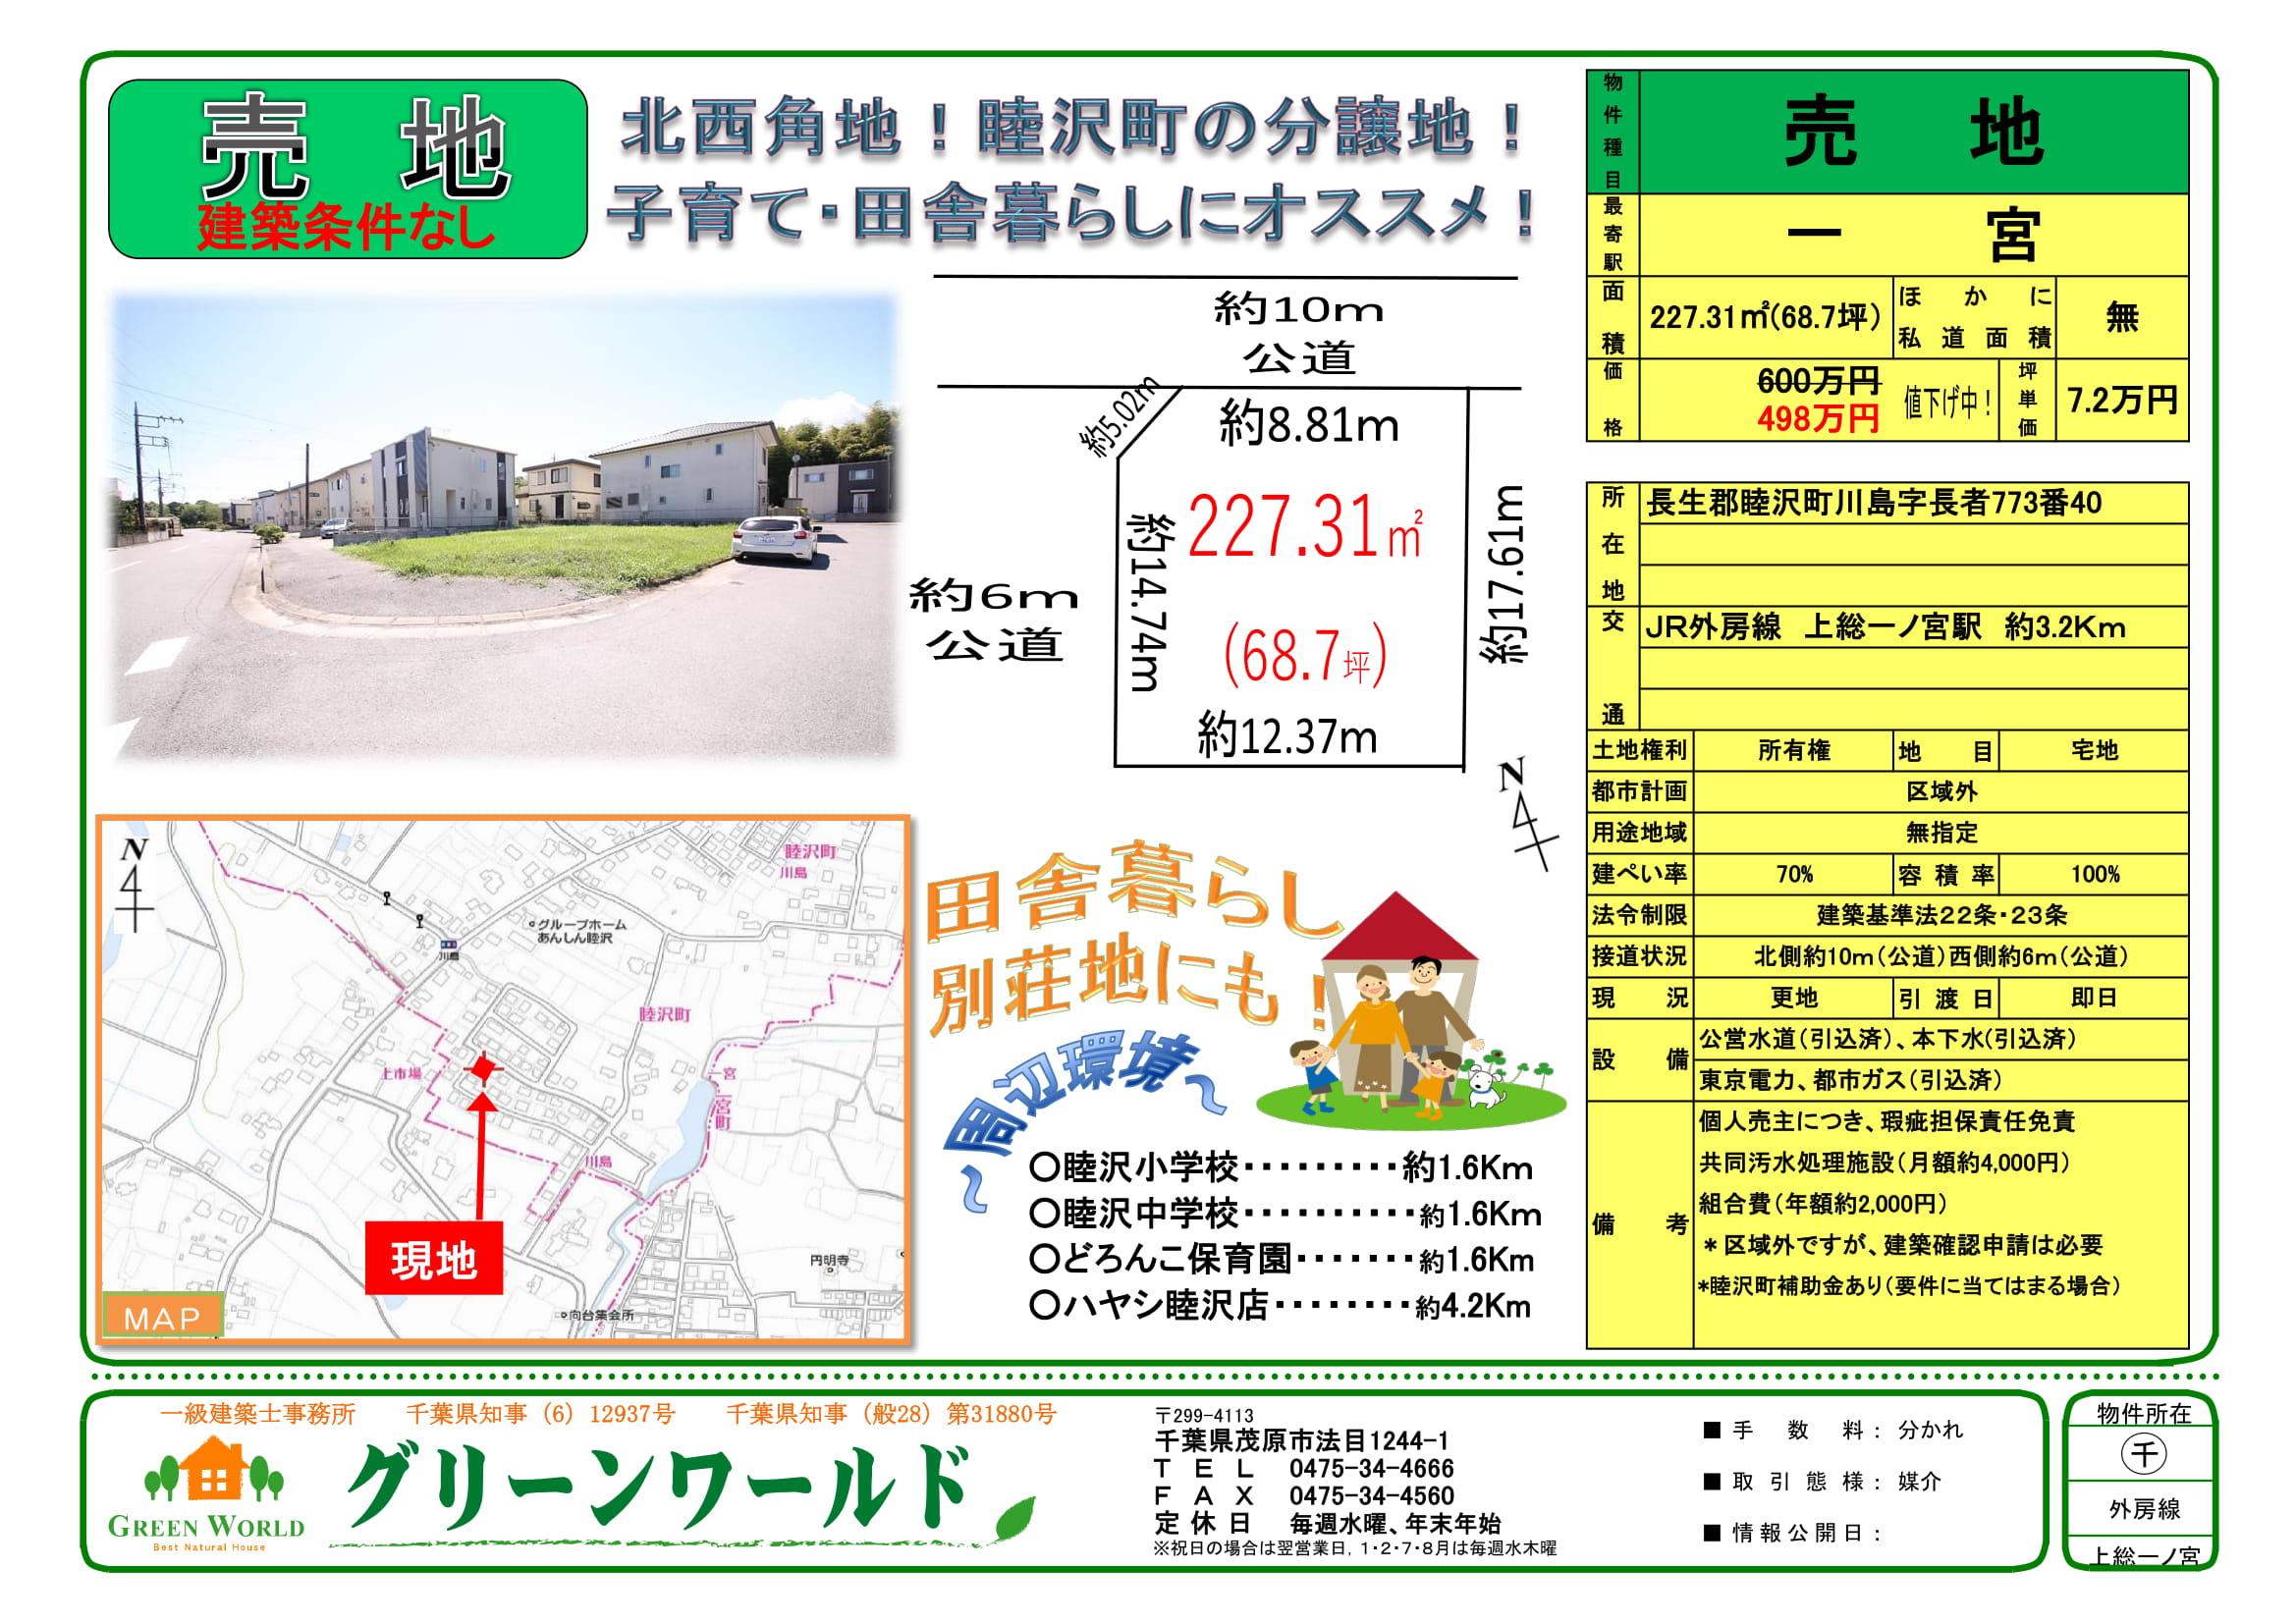 【売土地】睦沢町川島68坪